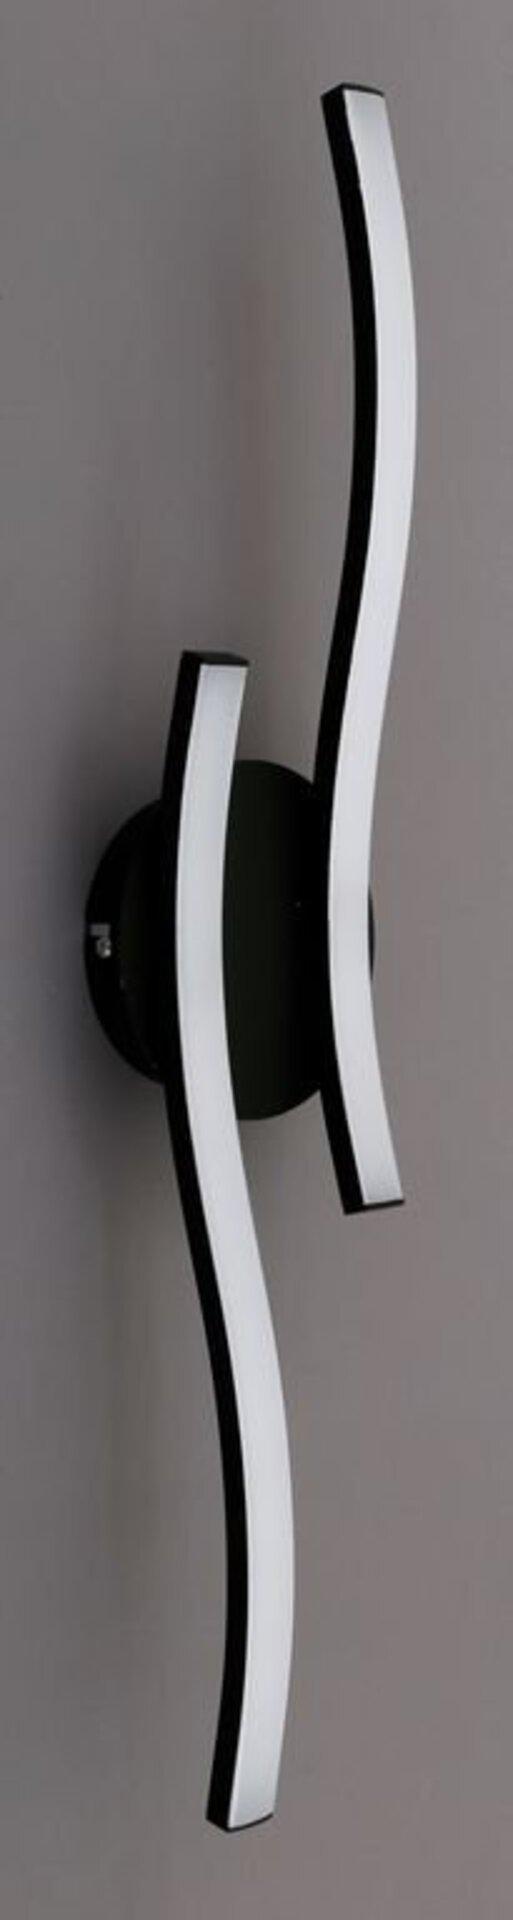 Deckenleuchte GO Briloner Metall schwarz 12 x 7 x 56 cm